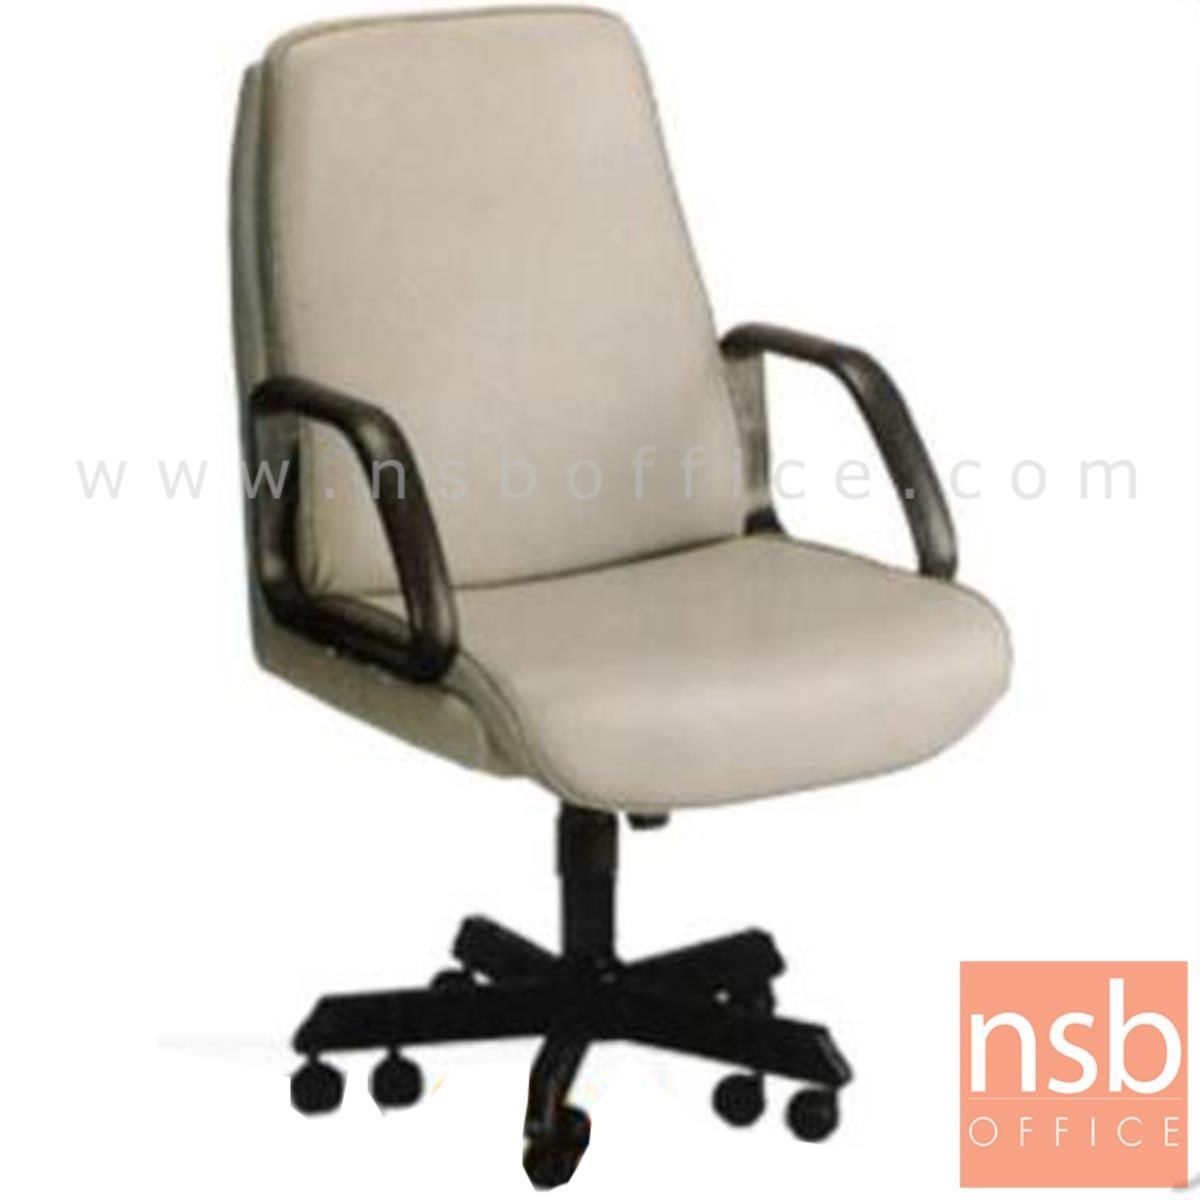 B14A015:เก้าอี้สำนักงาน รุ่น Barrett (บาร์เรต)  มีก้อนโยก ขาเหล็ก 10 ล้อ